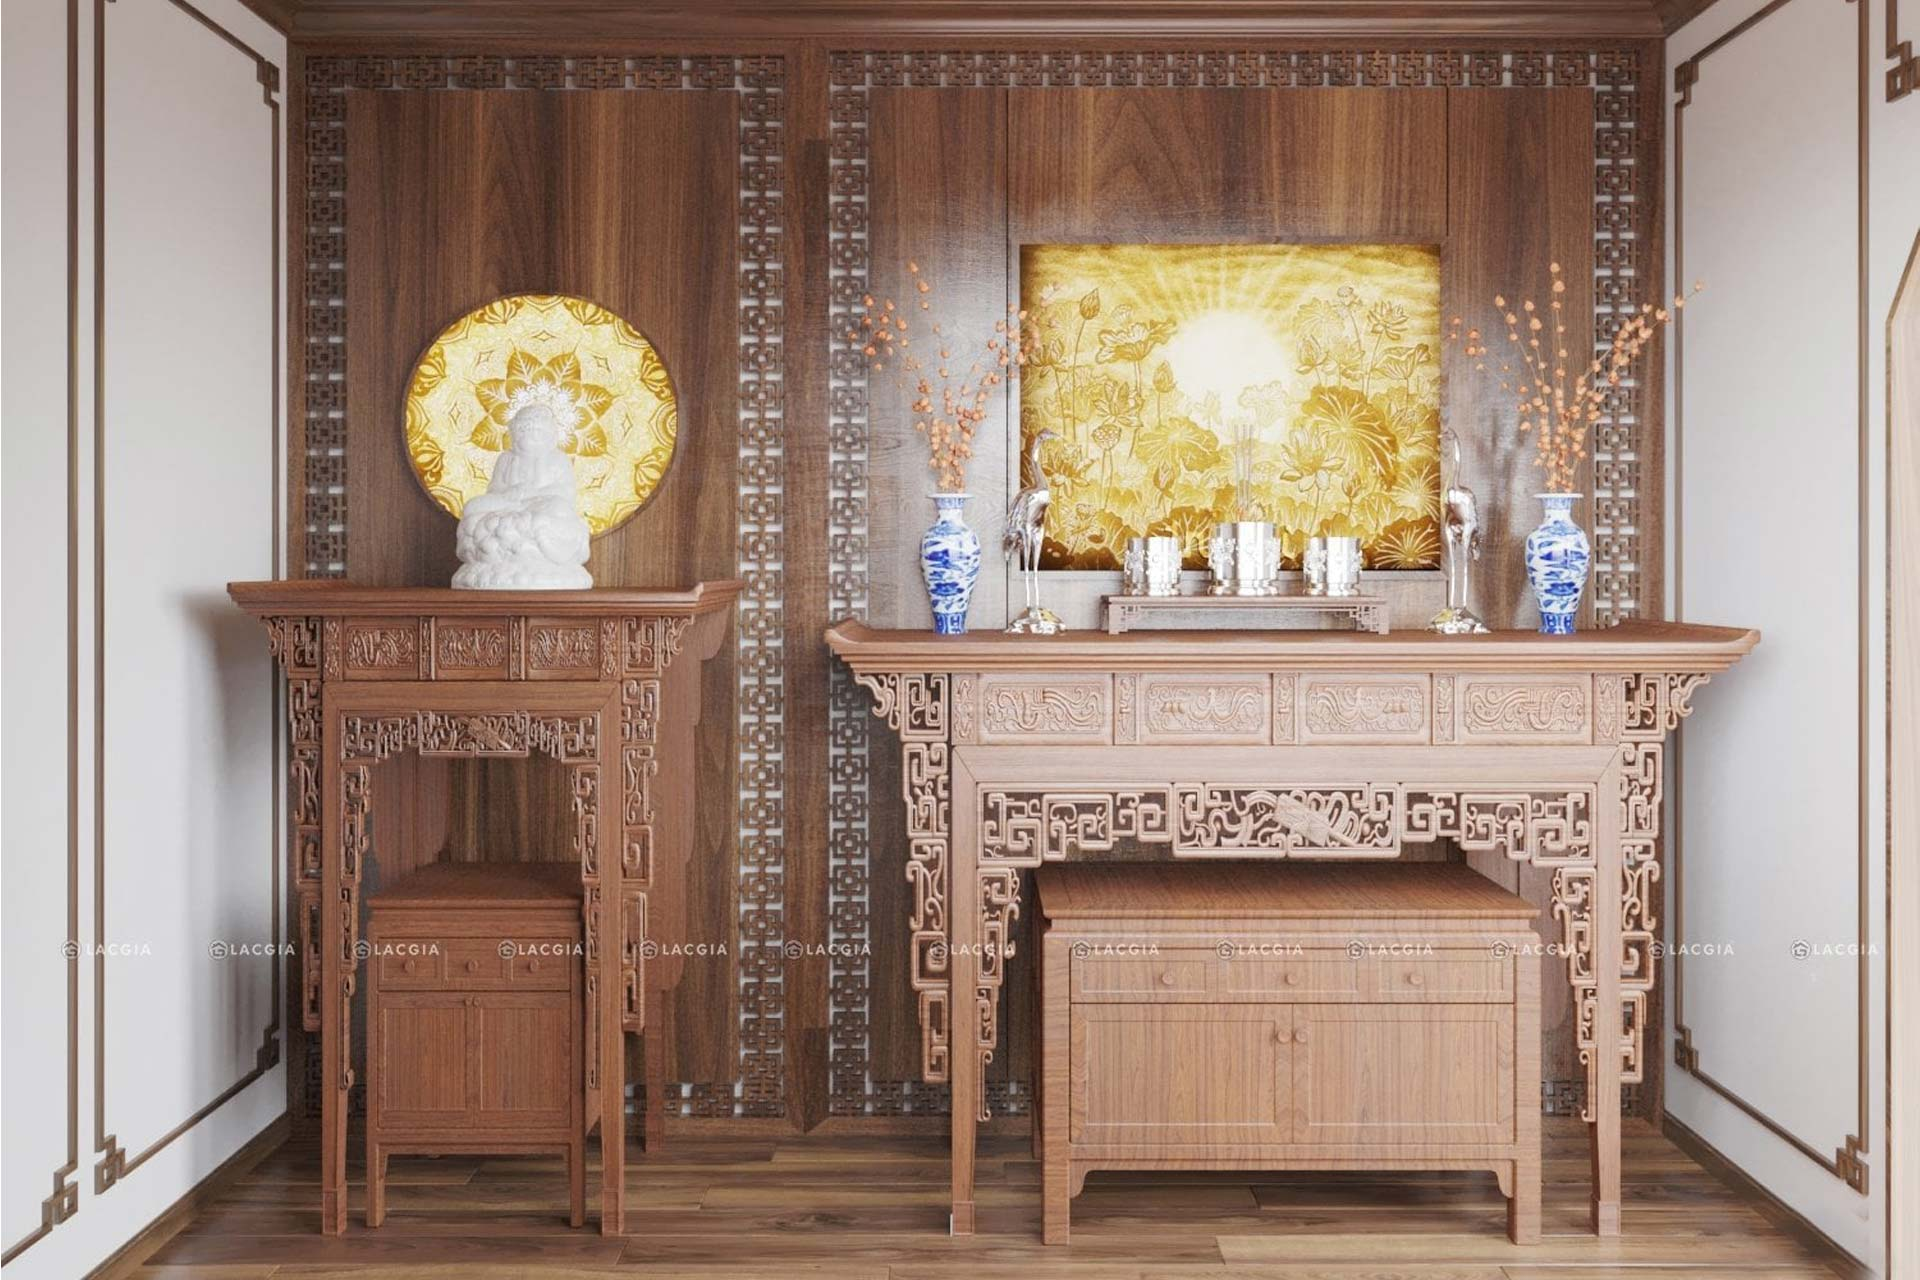 Nên lựa chọn đơn vị thiết kế nội thất uy tín và chất lượng